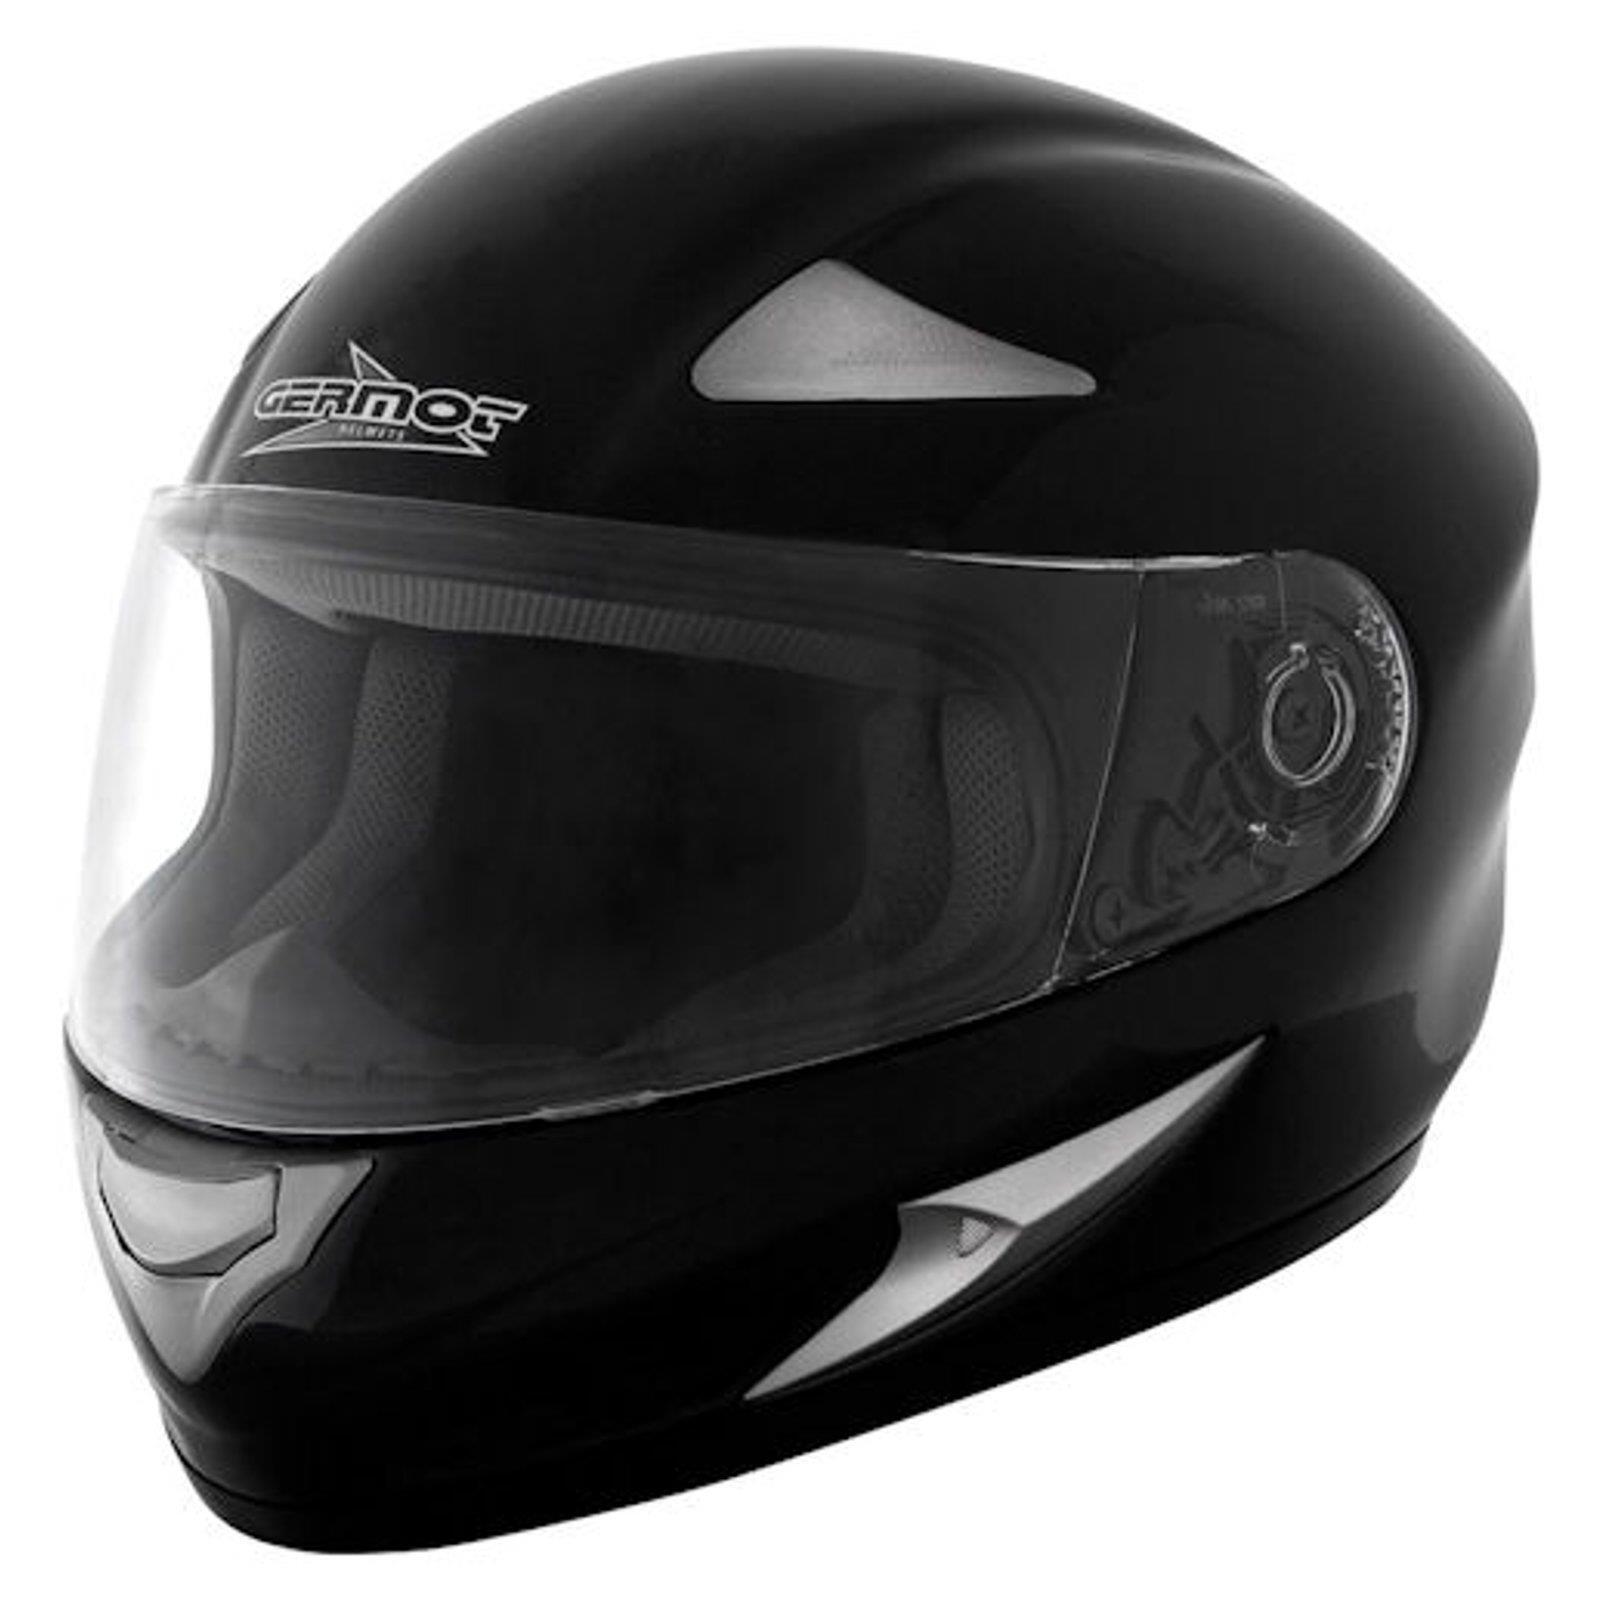 Germot GM 720 casco integral overTalla negro moto bicicleta visor resistente a los arañazos